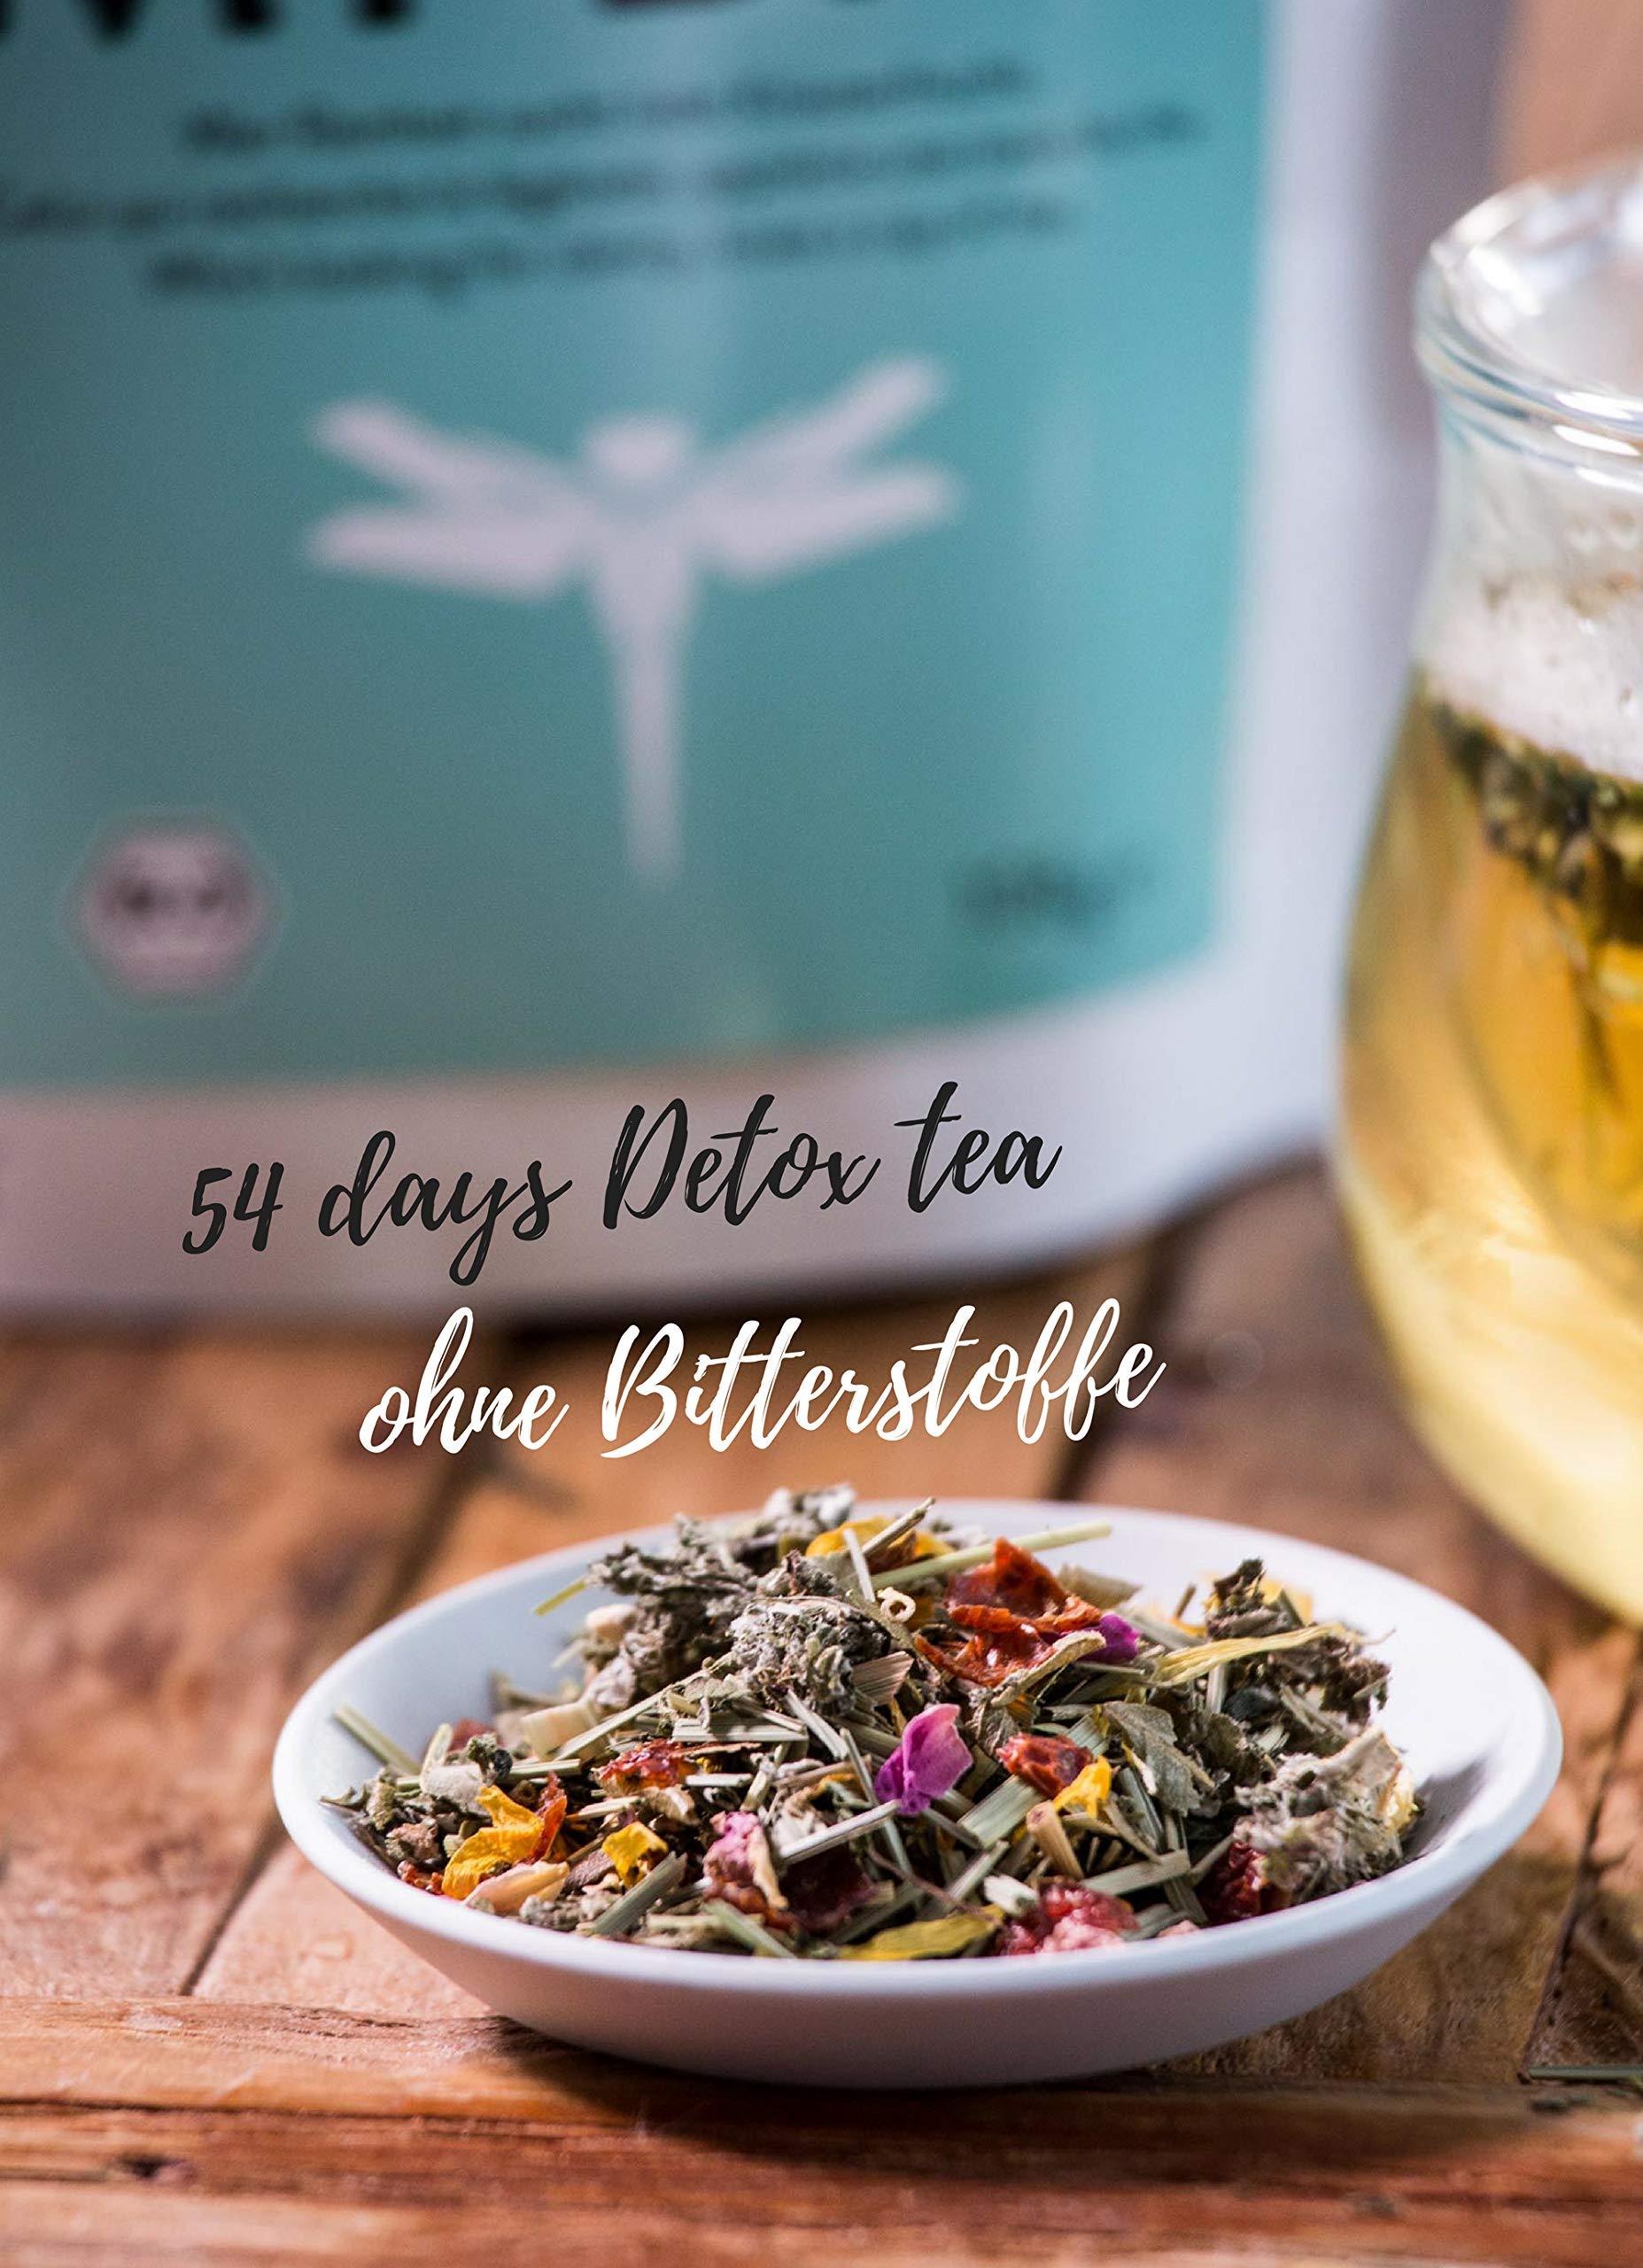 SHAPE-MY-DAY-Slim-Body-Tea-ohne-Bitterstoffe-als-ideale-Ergnzung-deiner-Detox-Tee-Dit-und-Reinigungskur-108-Tassen-Bio-Krutertee-aus-Hamburg-mit-kleinem-Druckfehler-auf-der-Verpackung